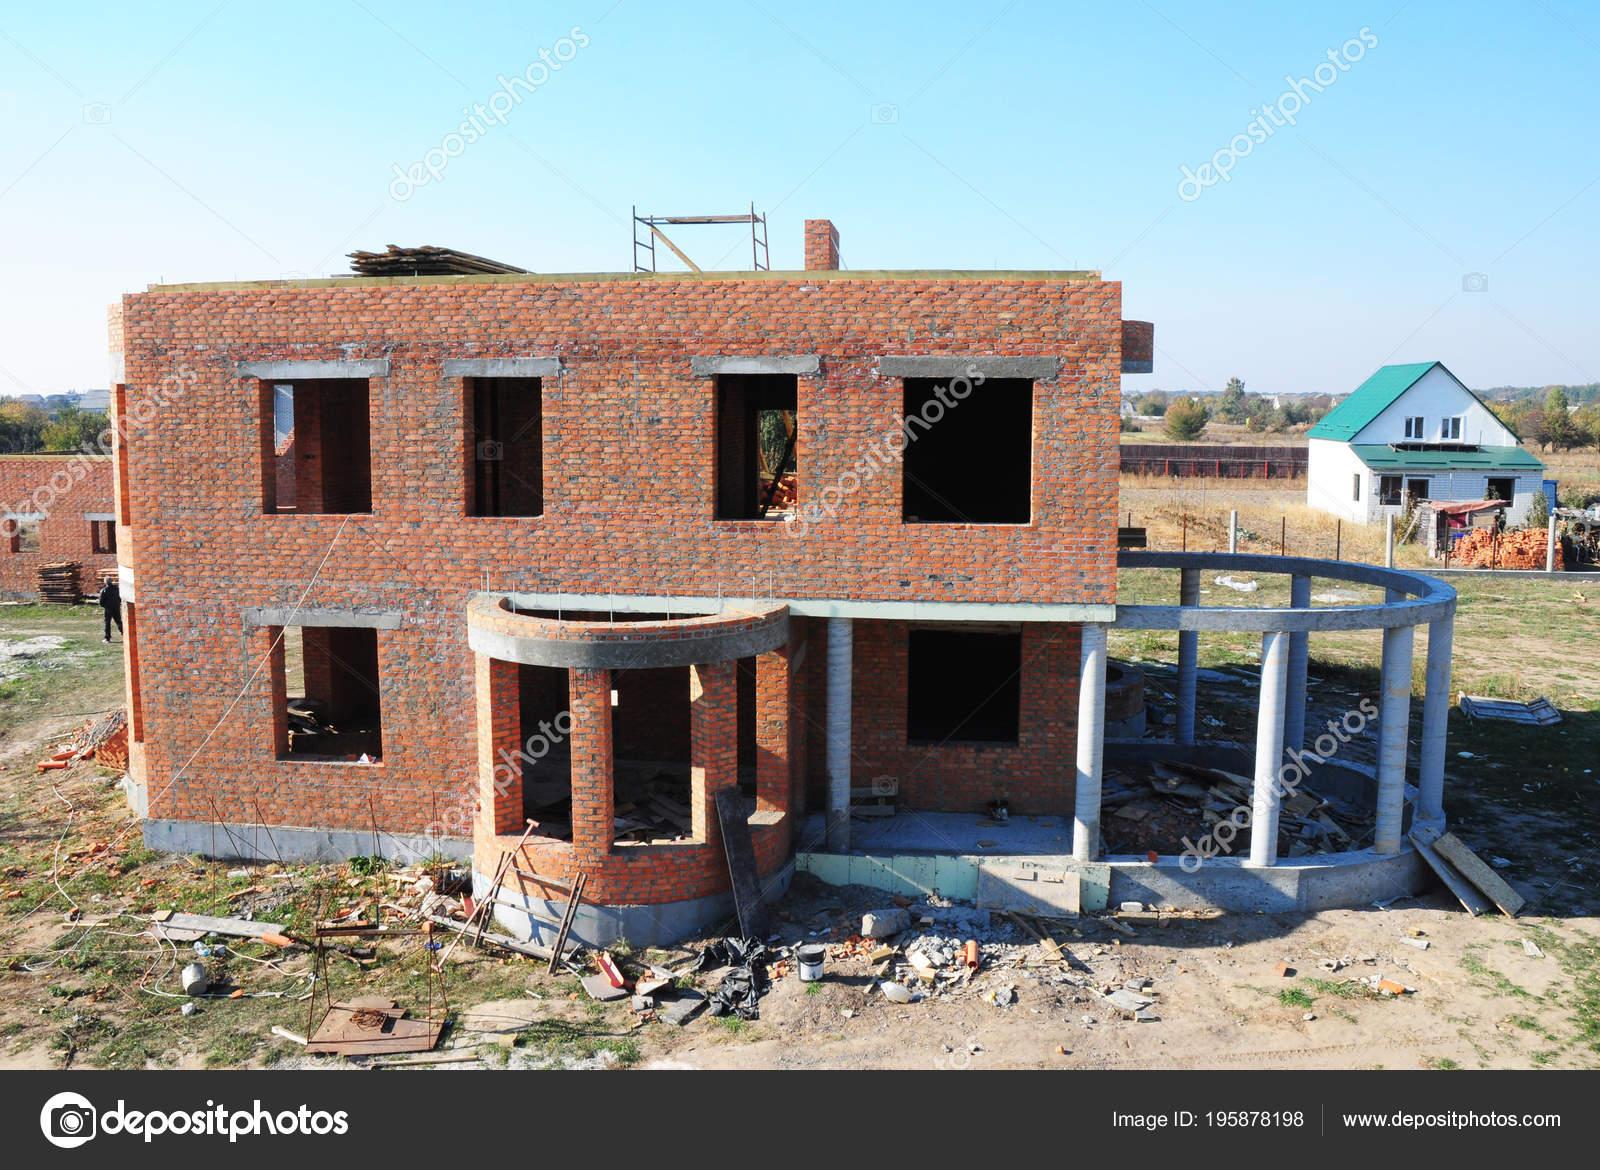 Wohn Baustein Haus Bau Mit Spalte Und Beton Rahmen Für — Stockfoto ...